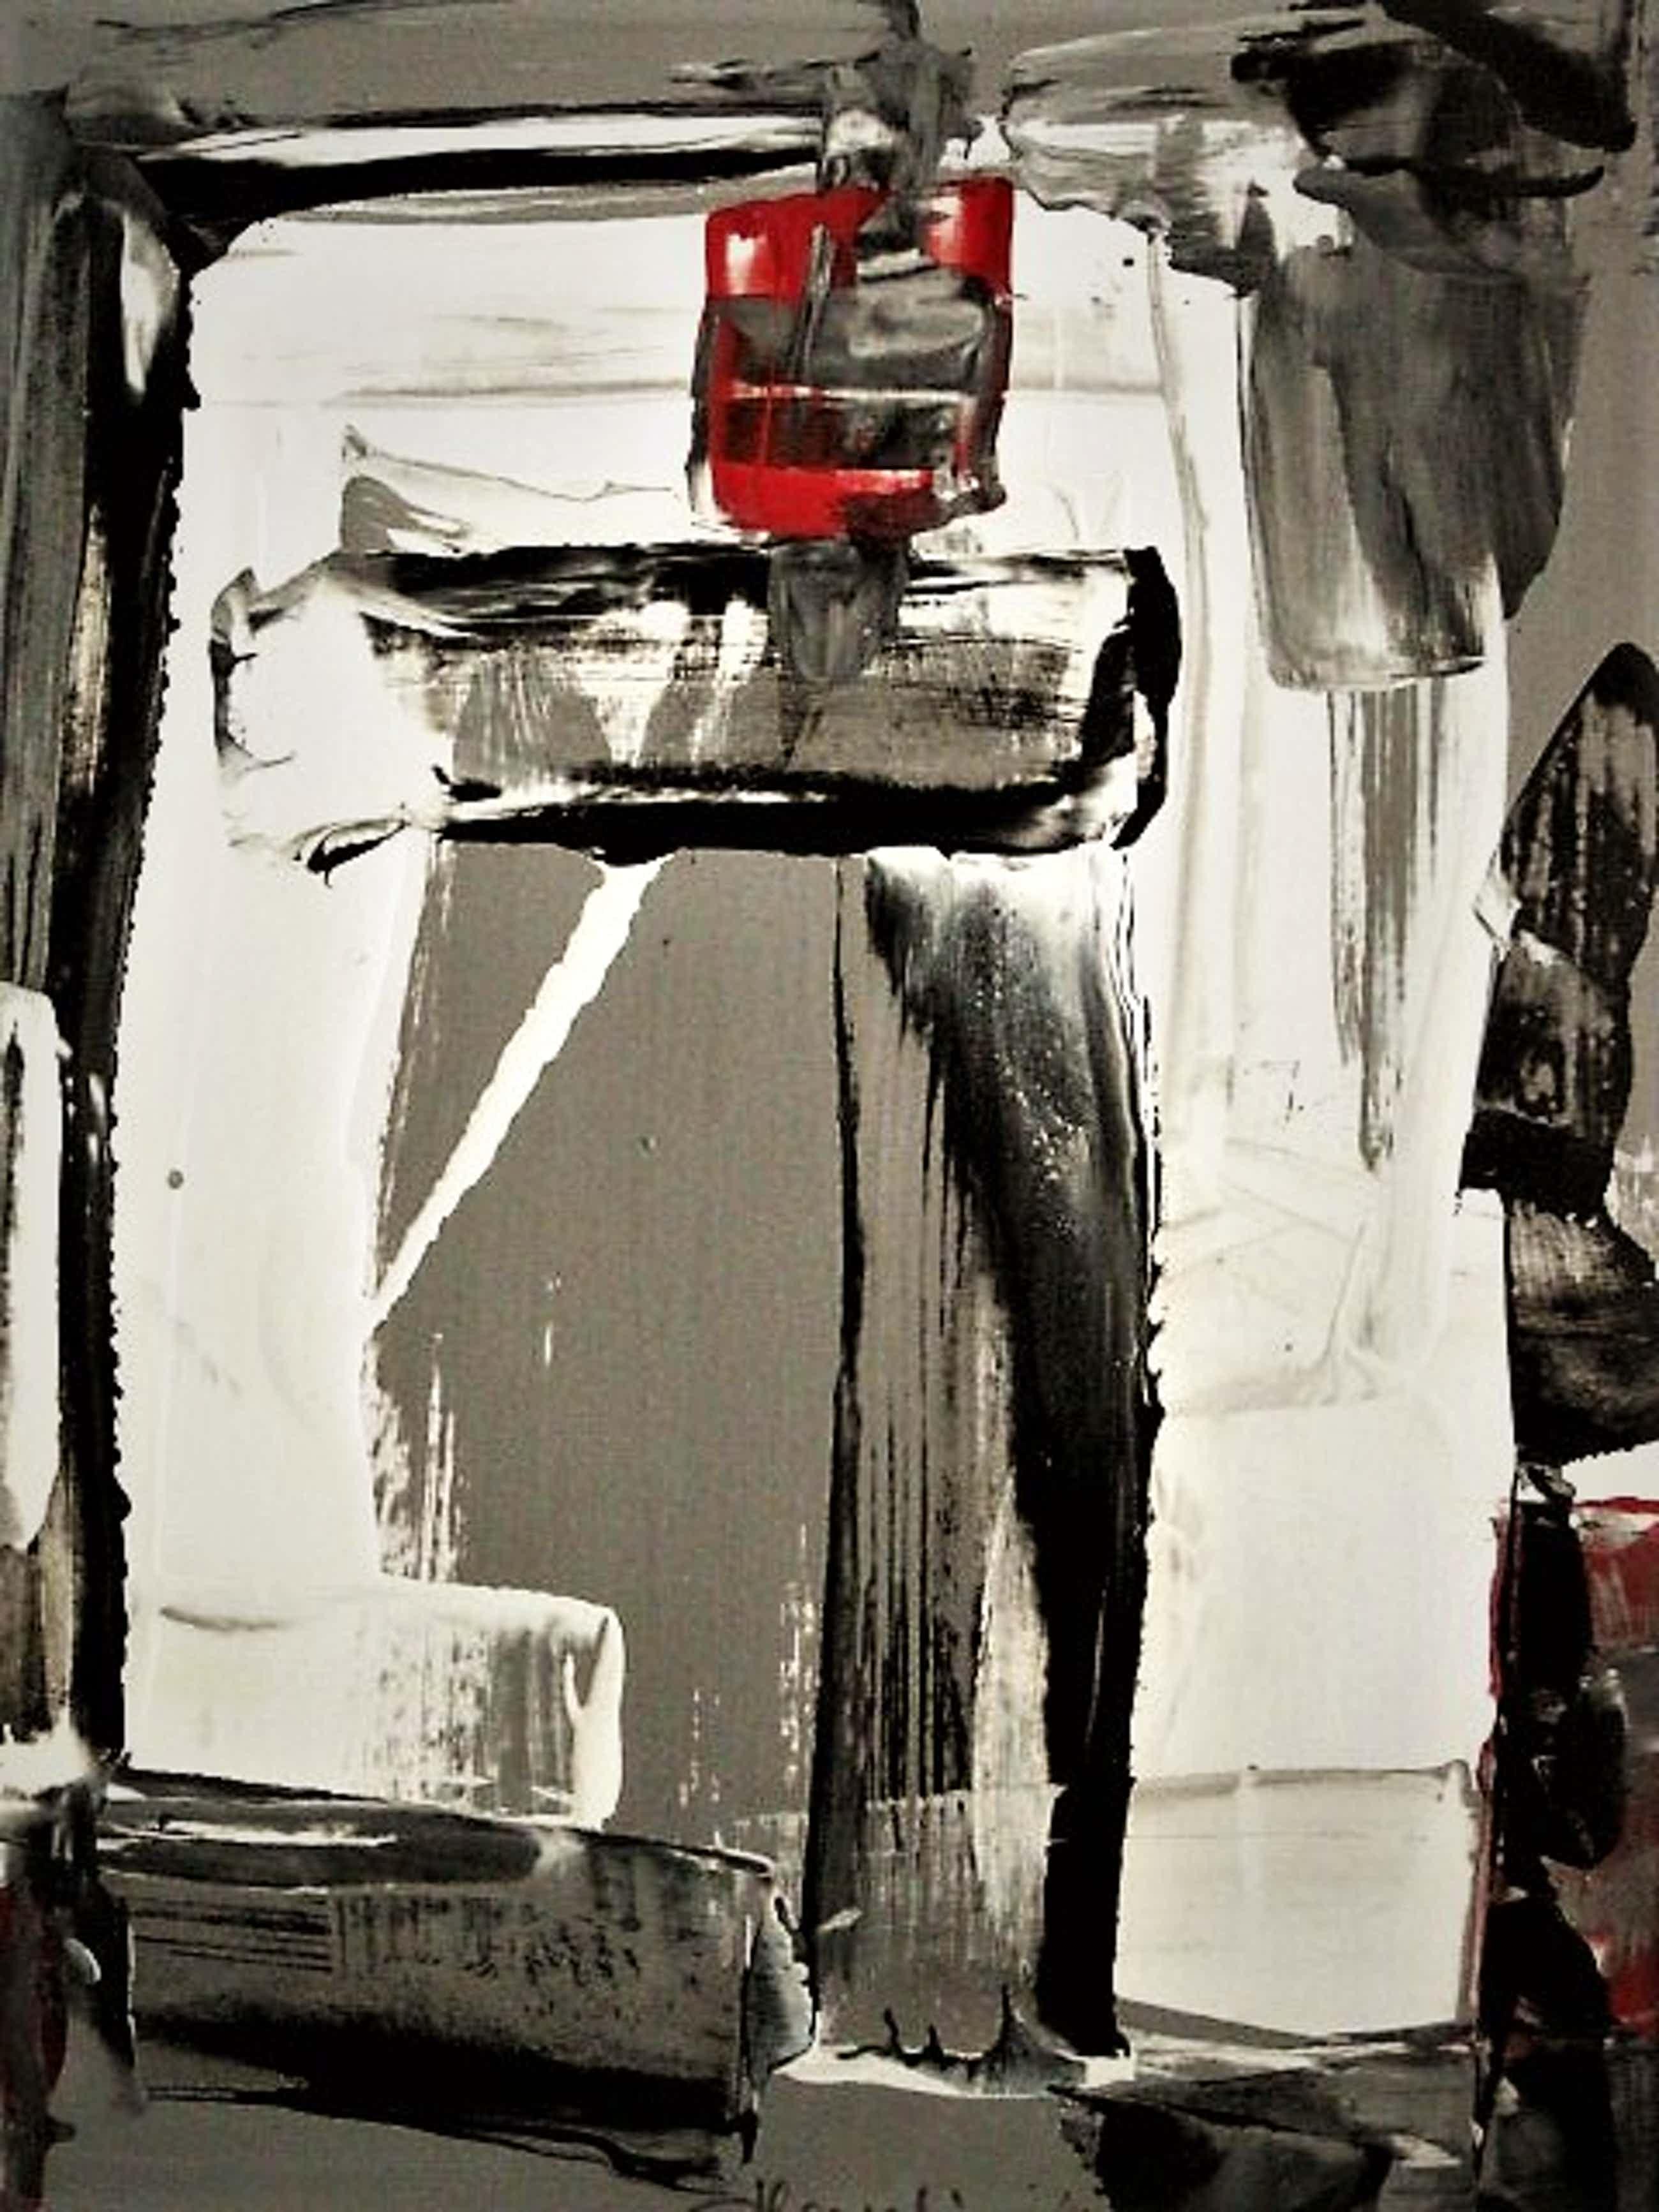 Henk Hesselius - Krachtige olieverf op papier - Abstract - CoBrA - gesigneerd kopen? Bied vanaf 80!